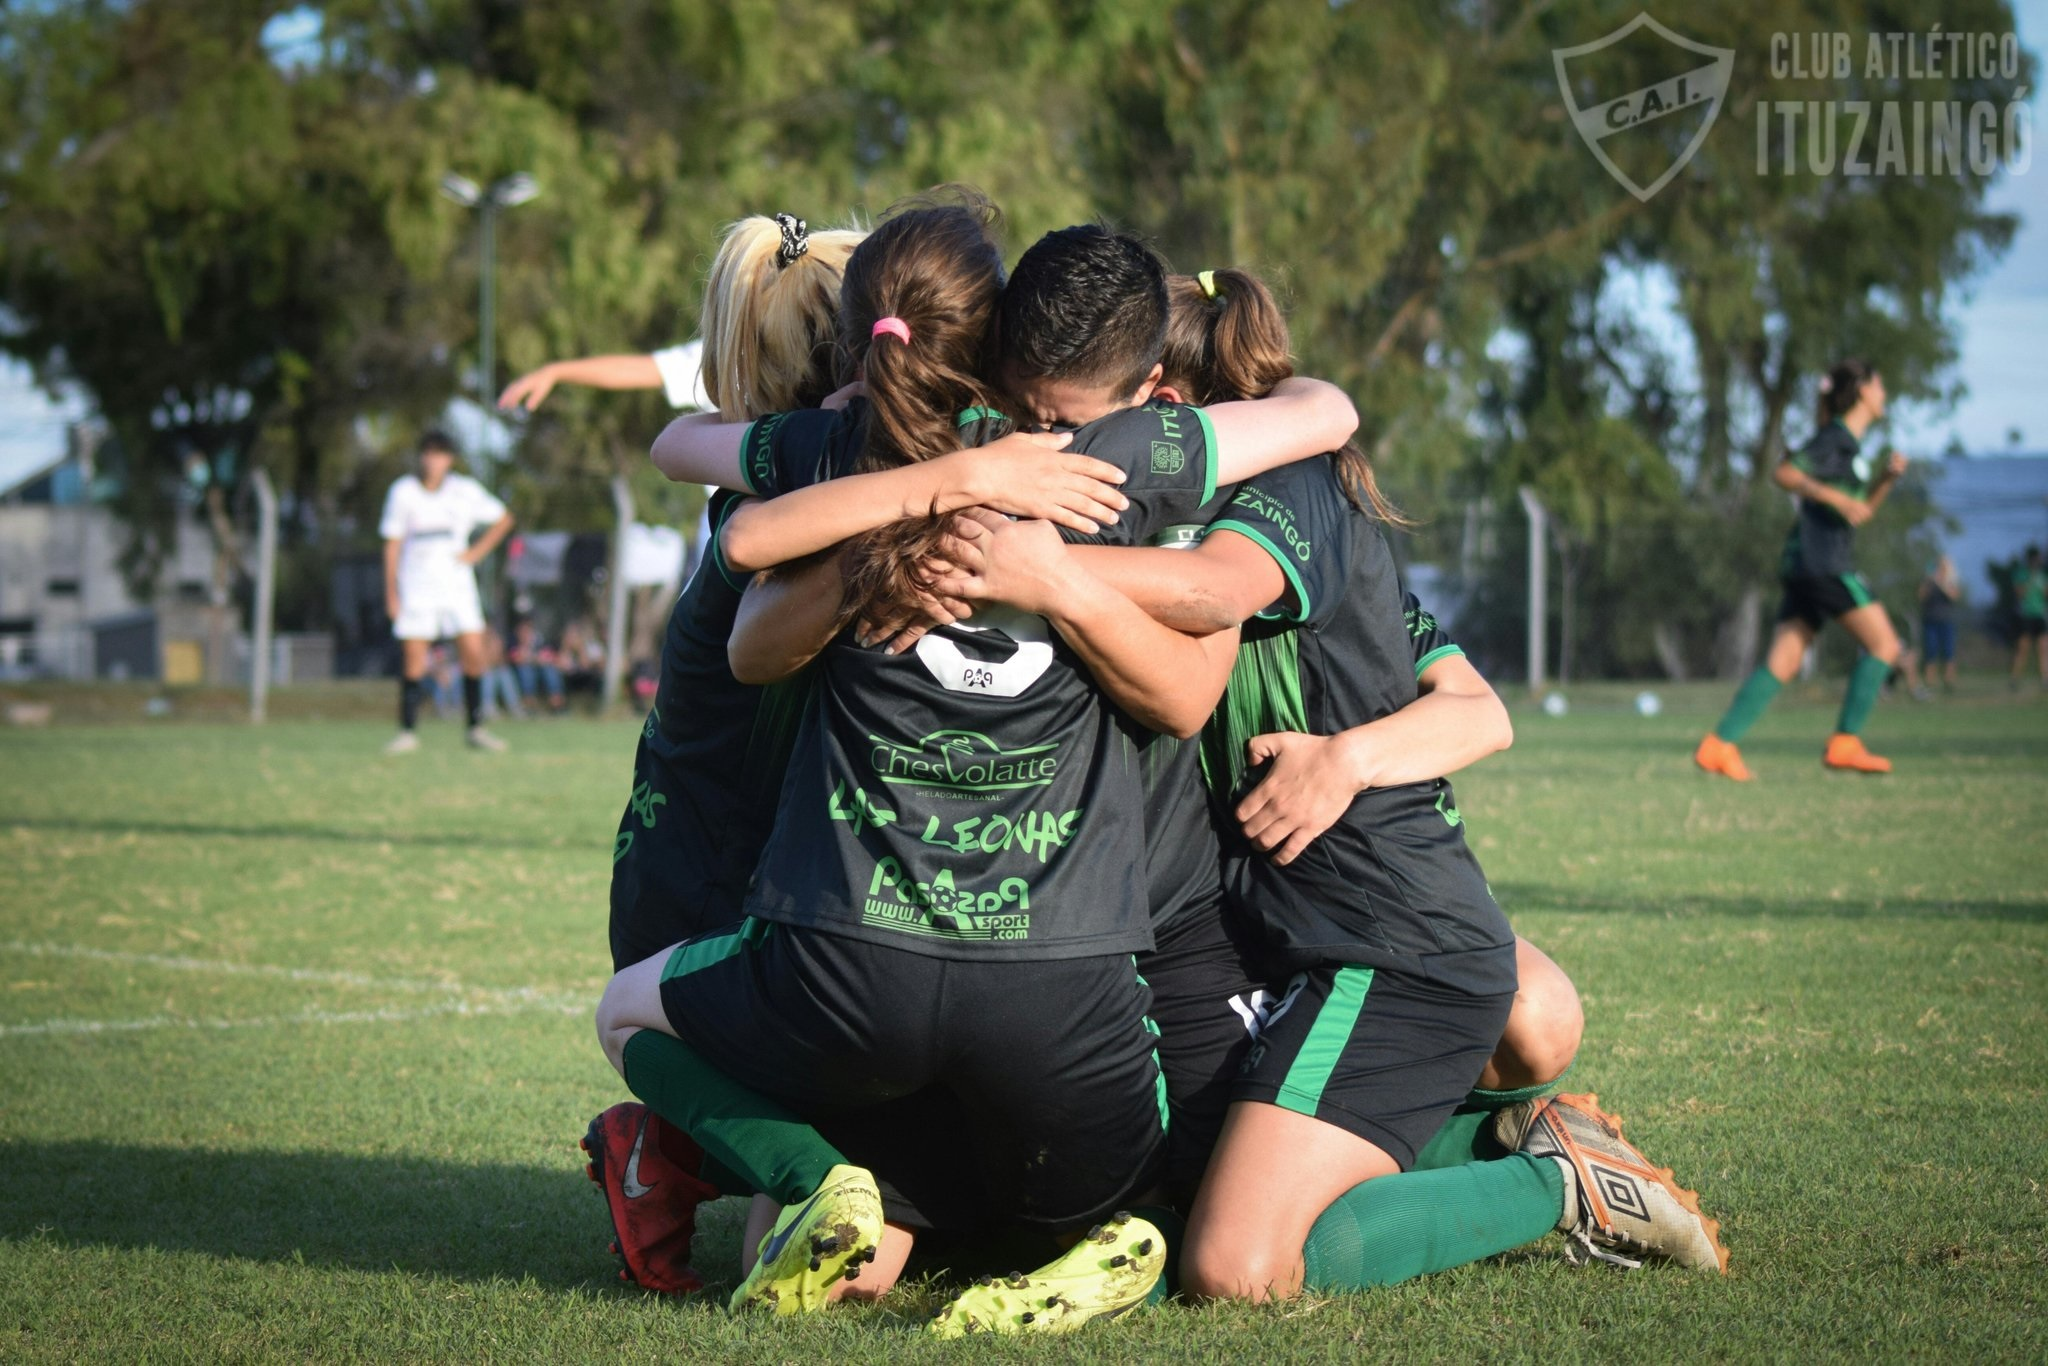 Fútbol femenino: Las Leonas del CAI vuelven a entrenarse, pensando en el reducido